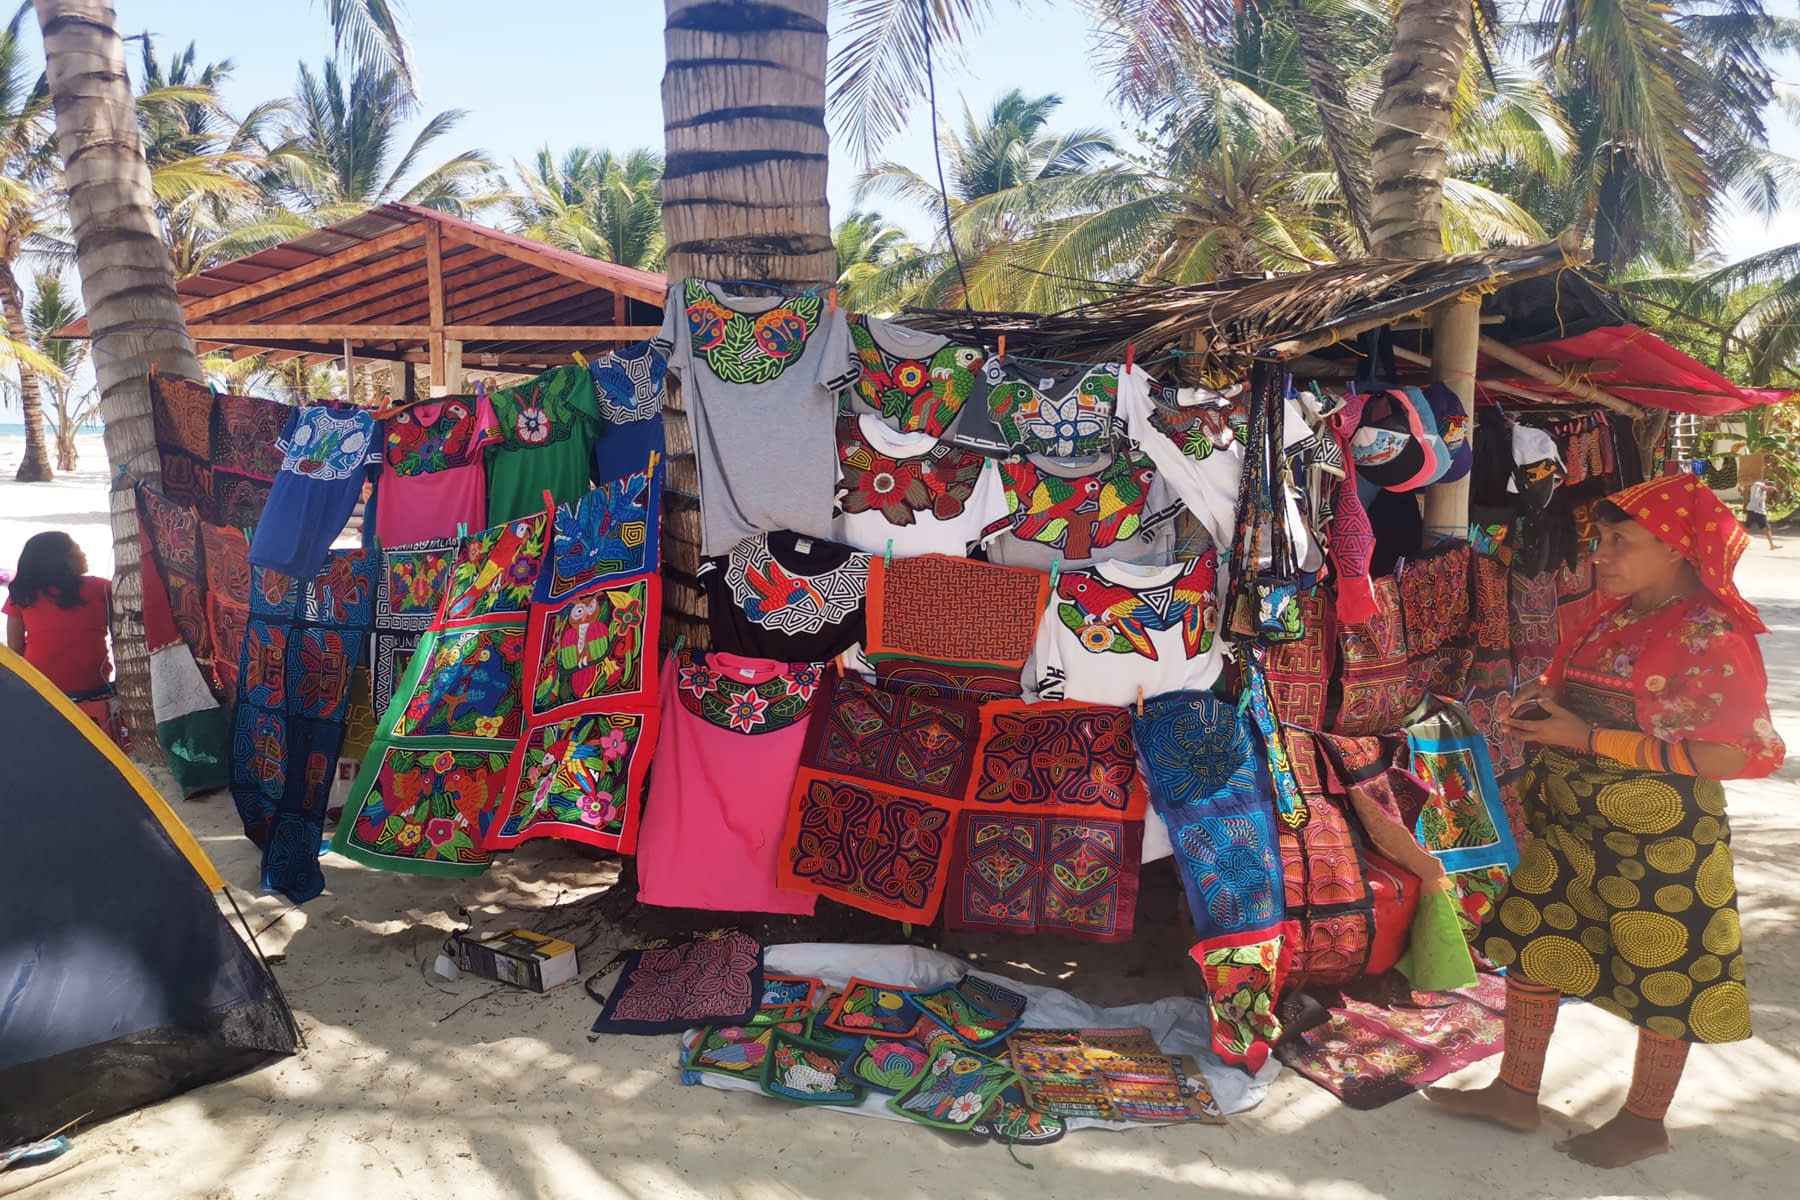 Venta de molas, prendas de vestir de los nativos Gunas en la isla Masargandub